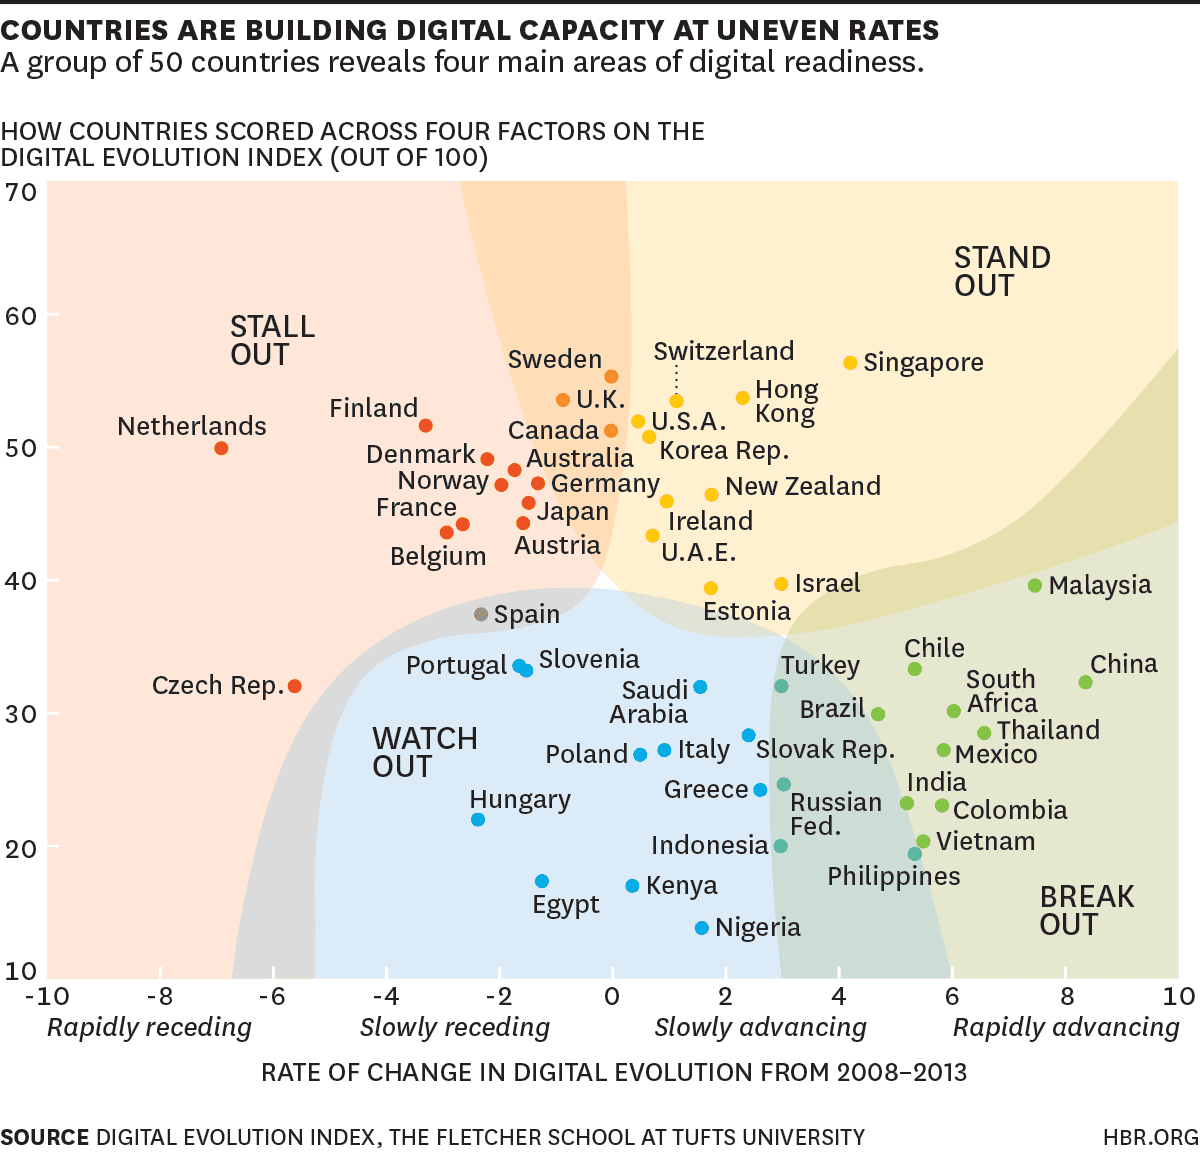 La Digitalizacin Avanza A Diferentes Pasos En El Mundo -3931